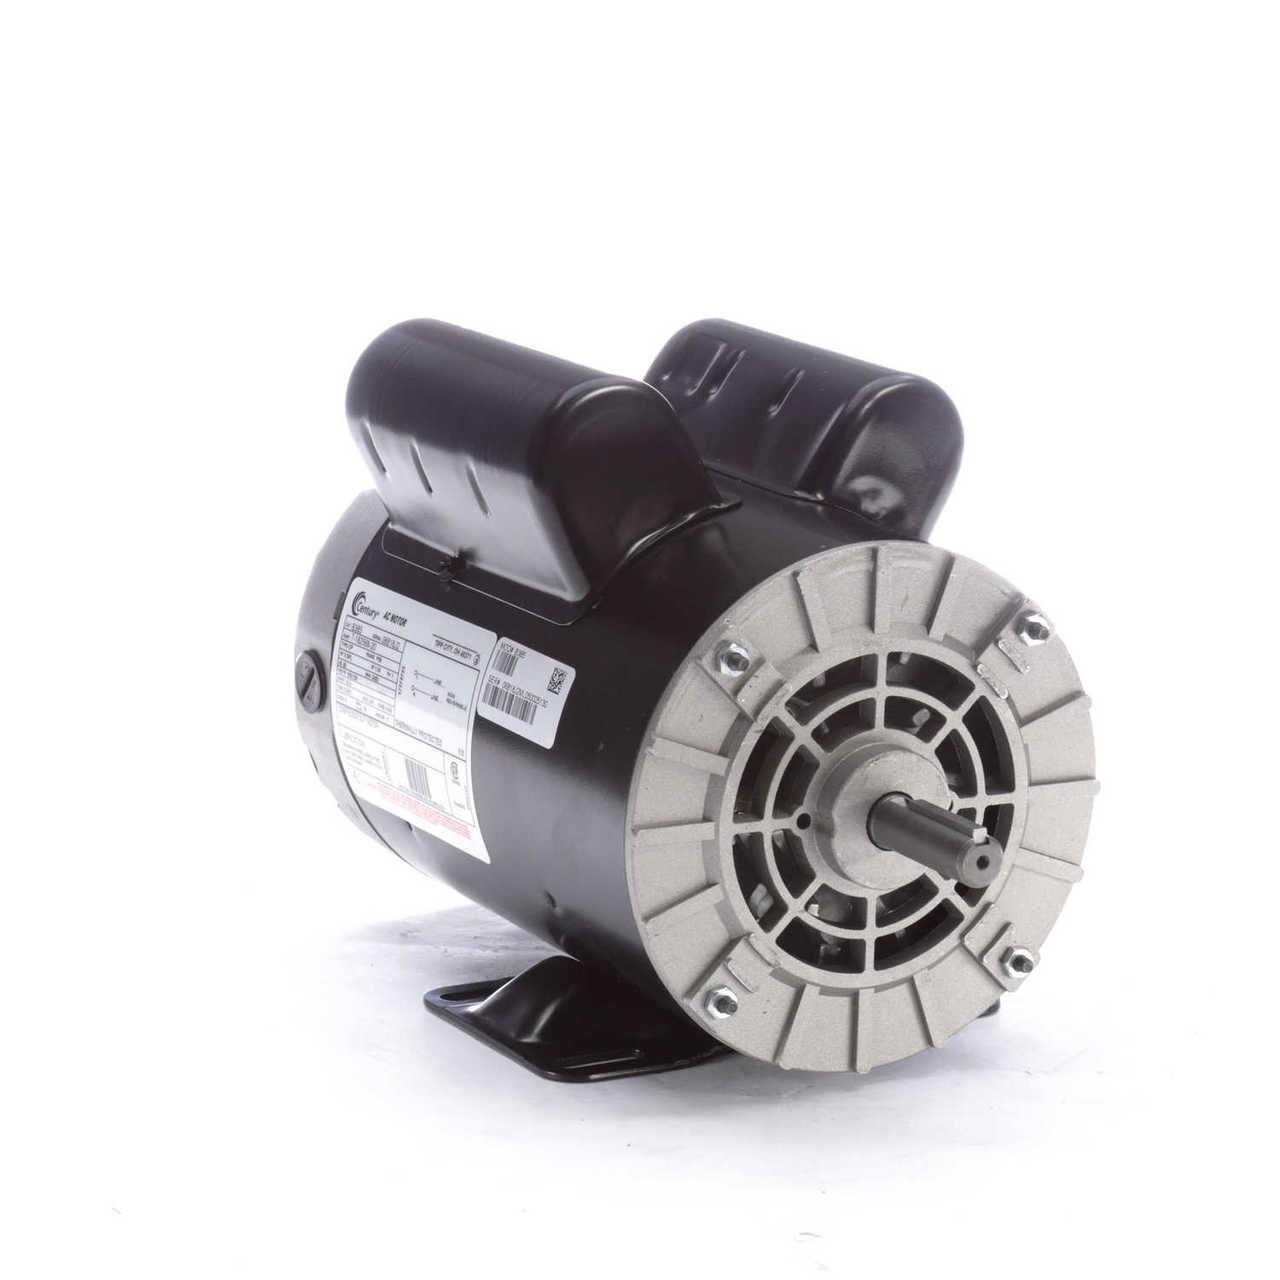 5 Hp Spl 3450 Rpm P56 Frame 230v Air Compressor Motor